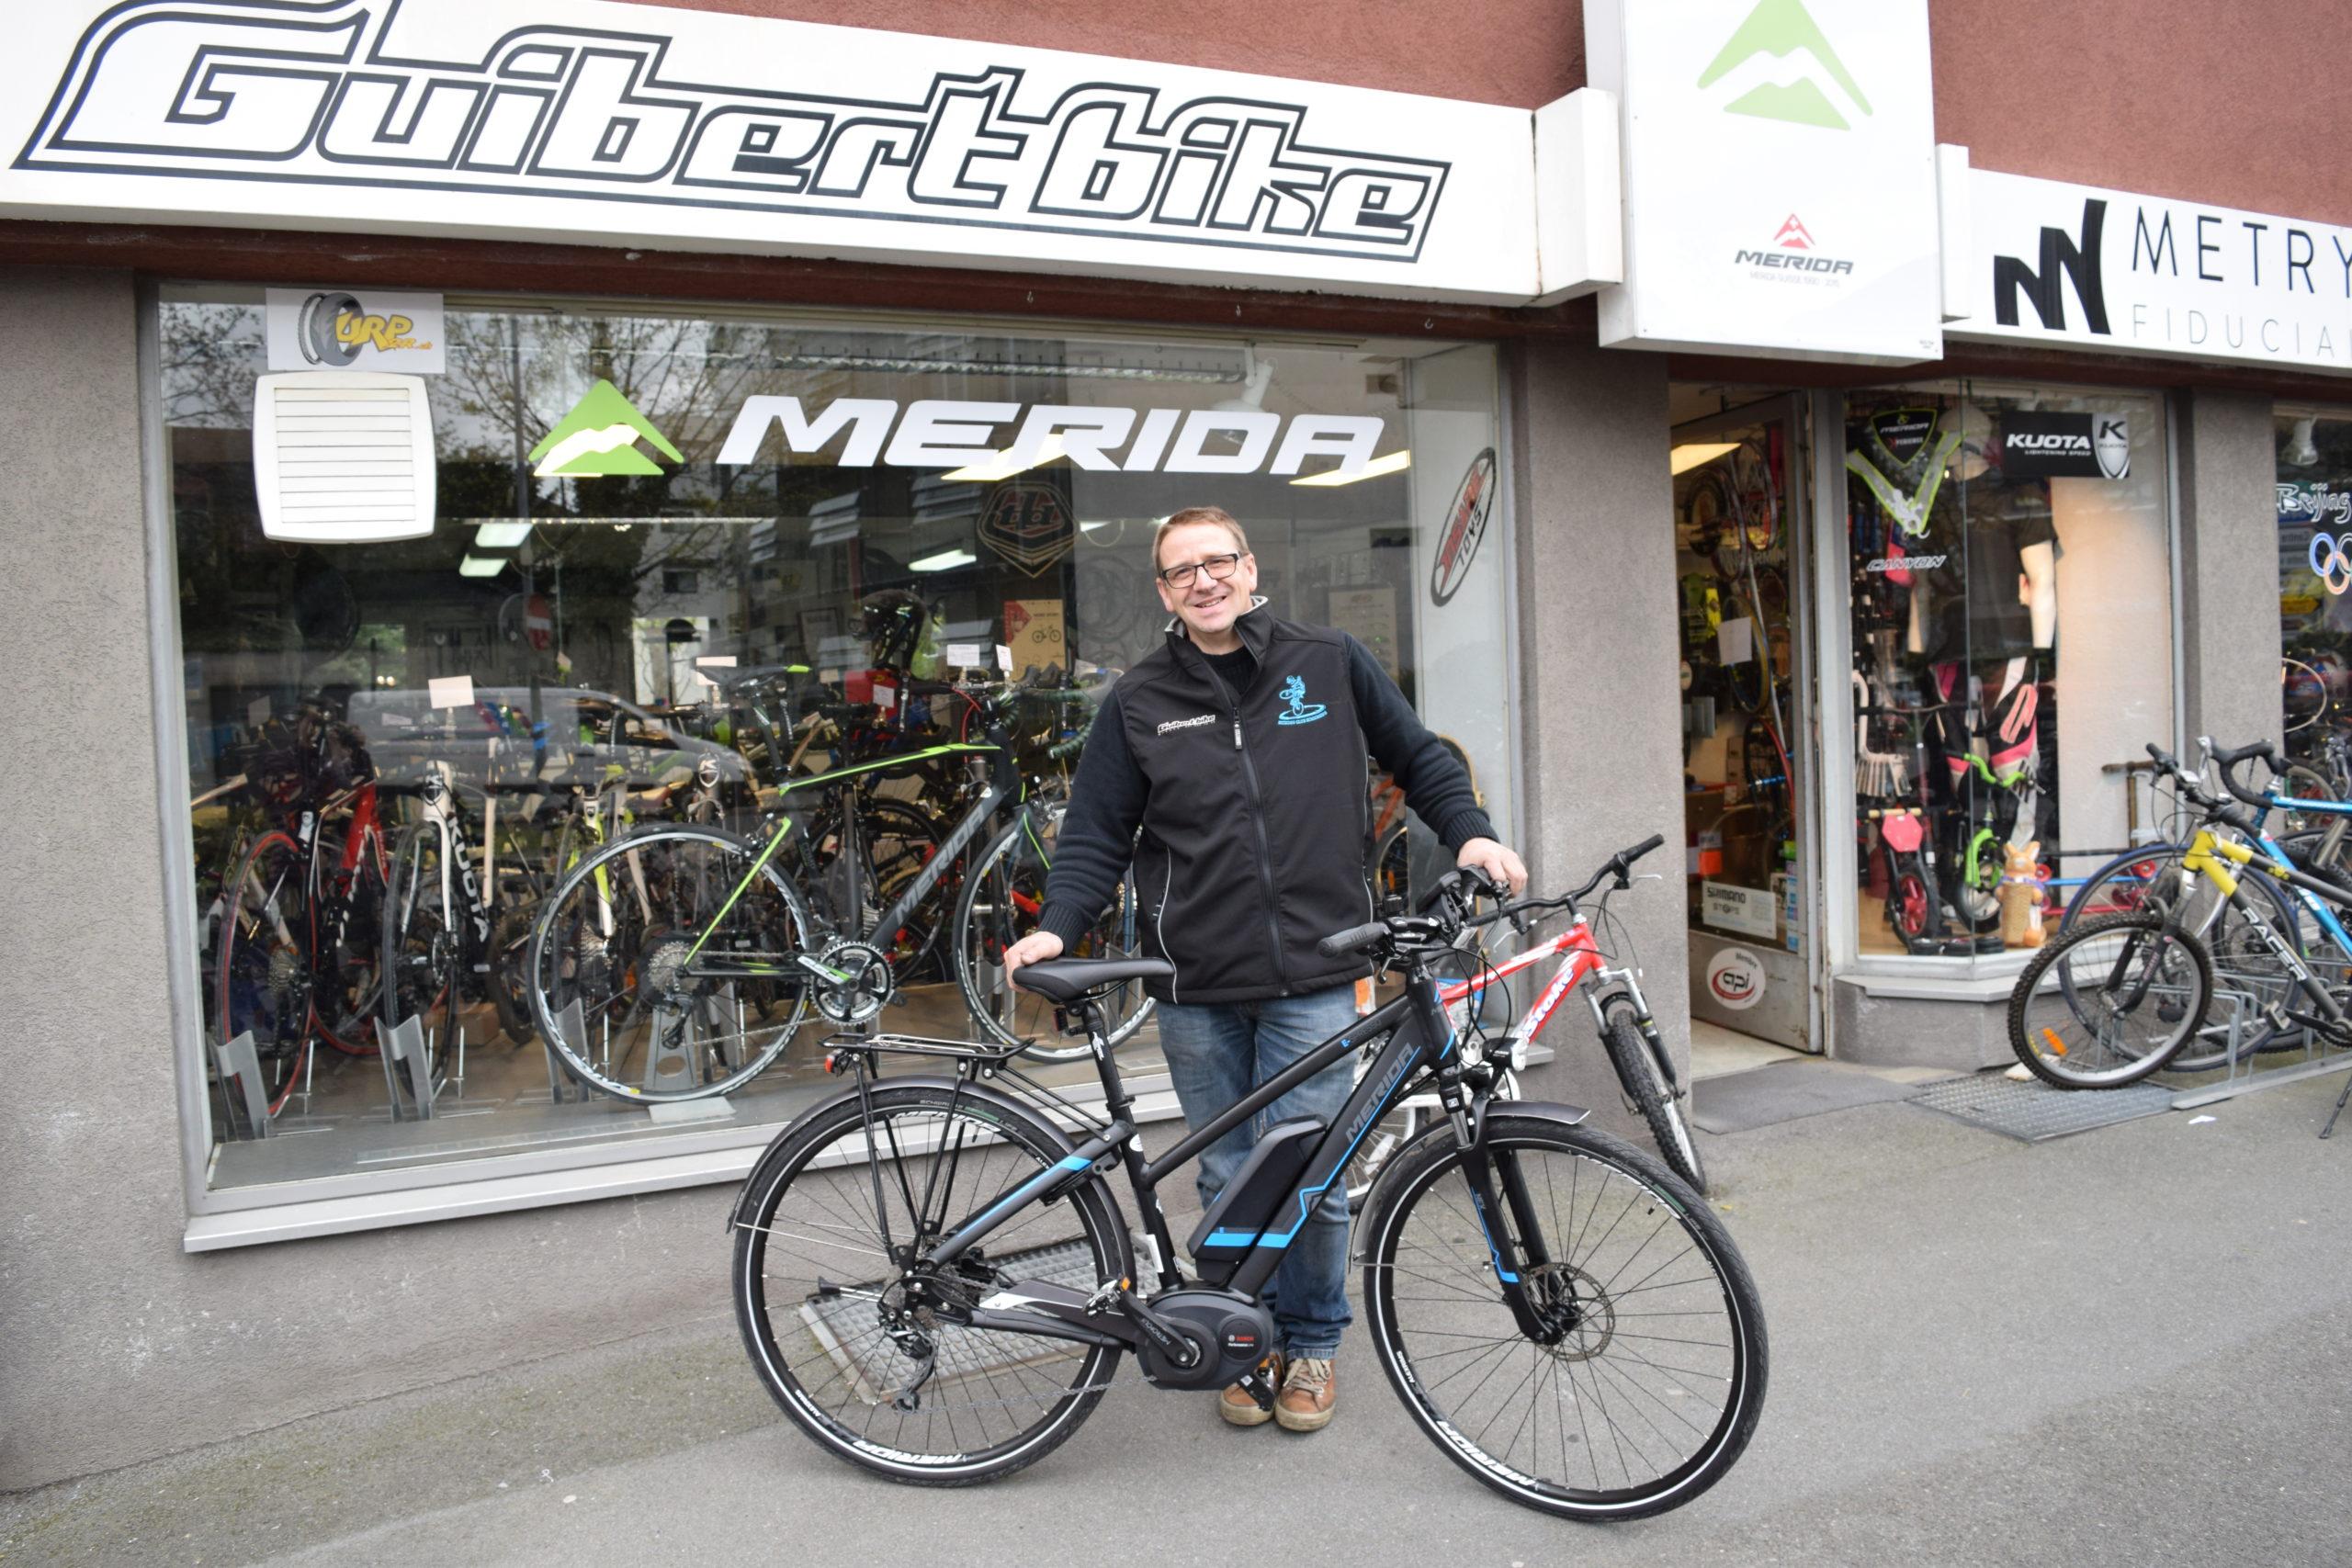 En 2021, l'offre de vélos sera limitée et 5 à 10% plus chère